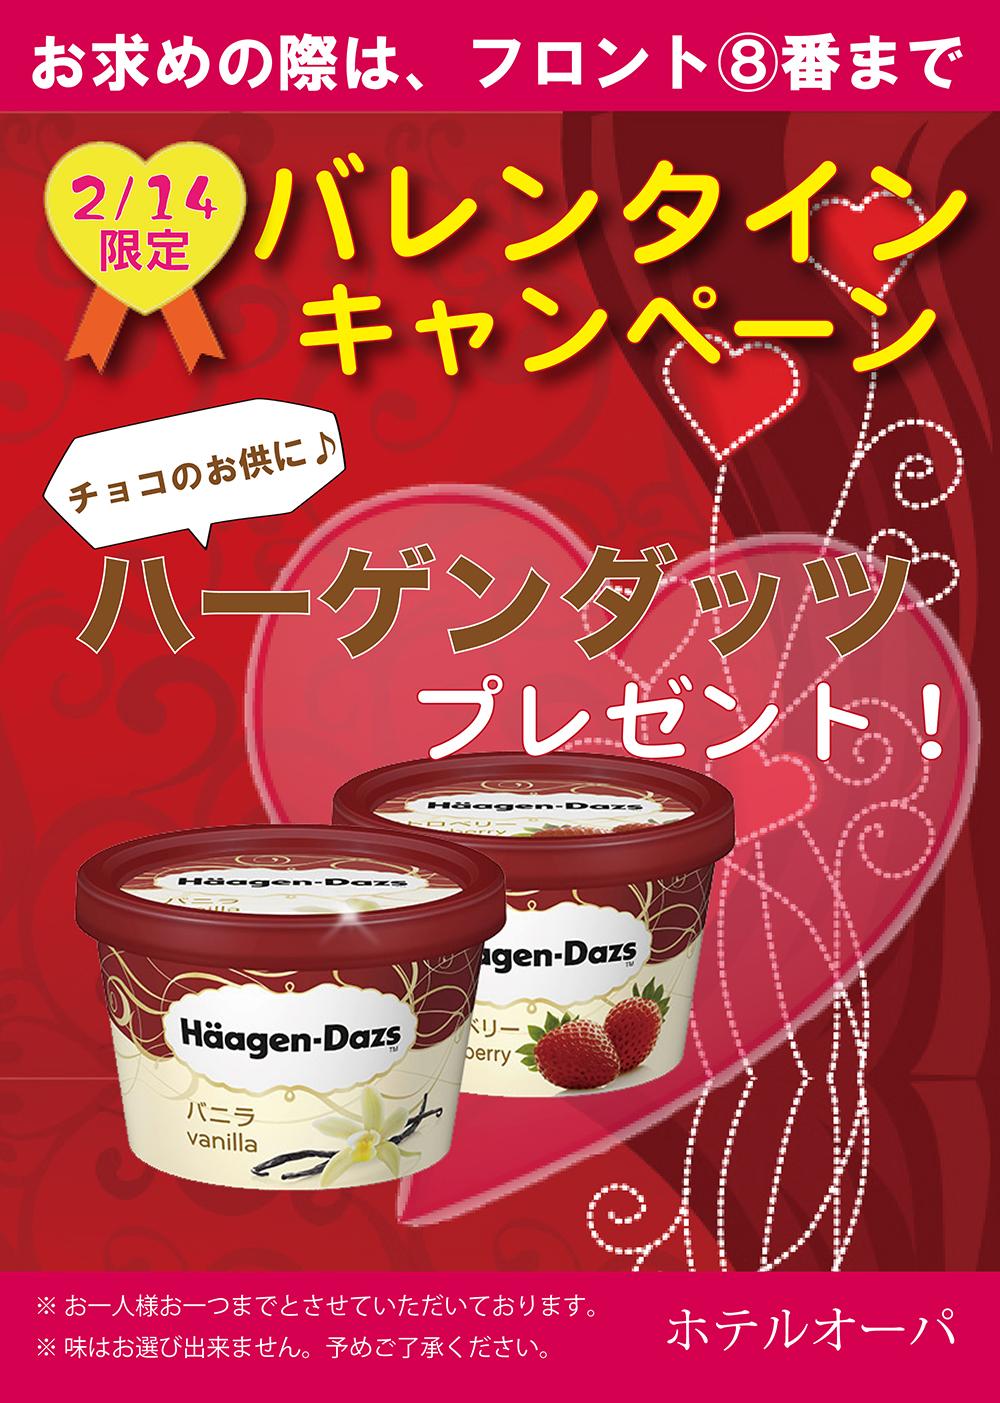 【2/14限定】バレンタインキャンペーン?